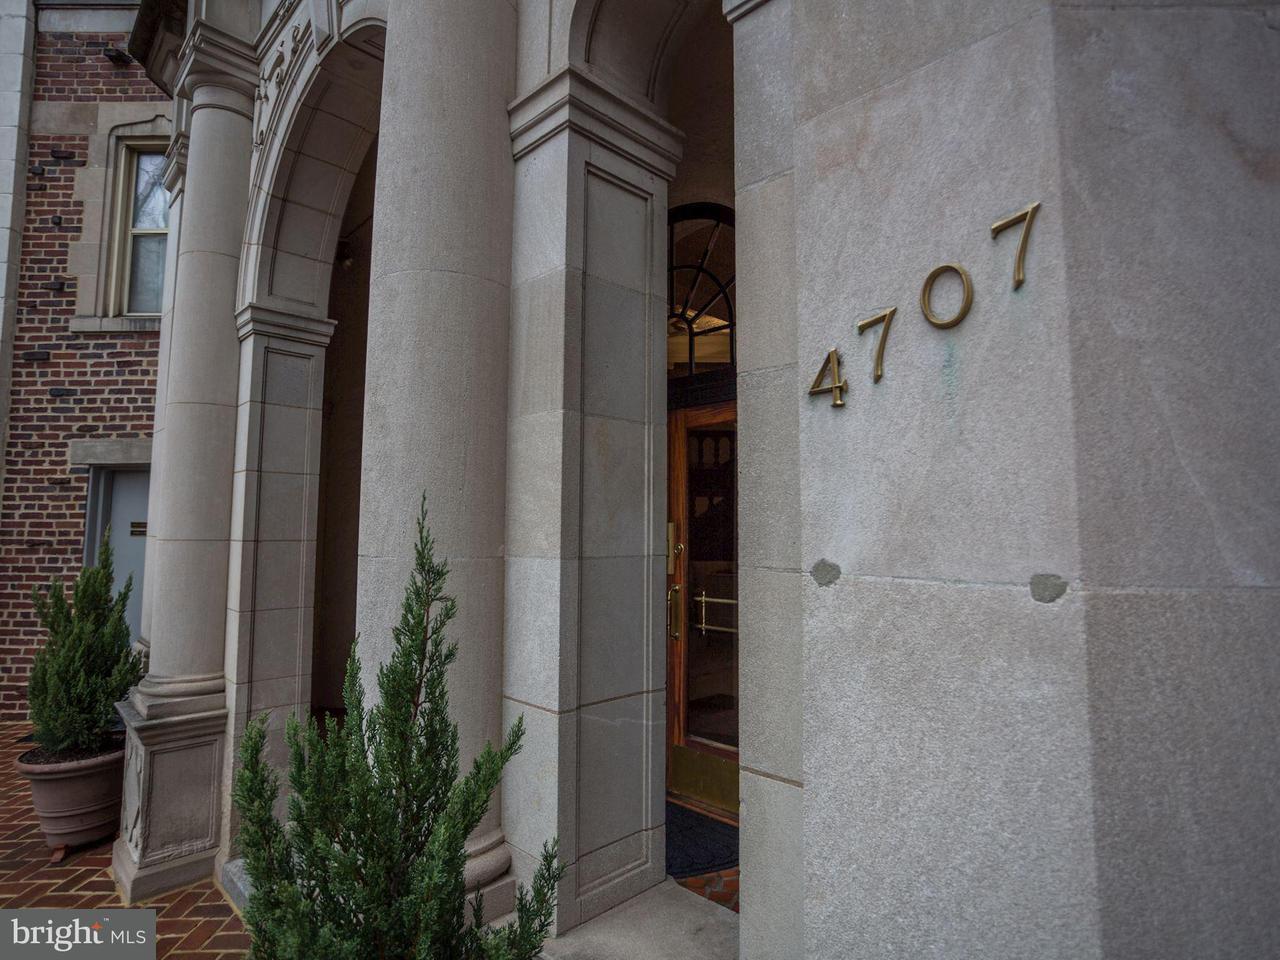 콘도미니엄 용 매매 에 4707 Connecticut Ave Nw #414 4707 Connecticut Ave Nw #414 Washington, 컬럼비아주 20008 미국